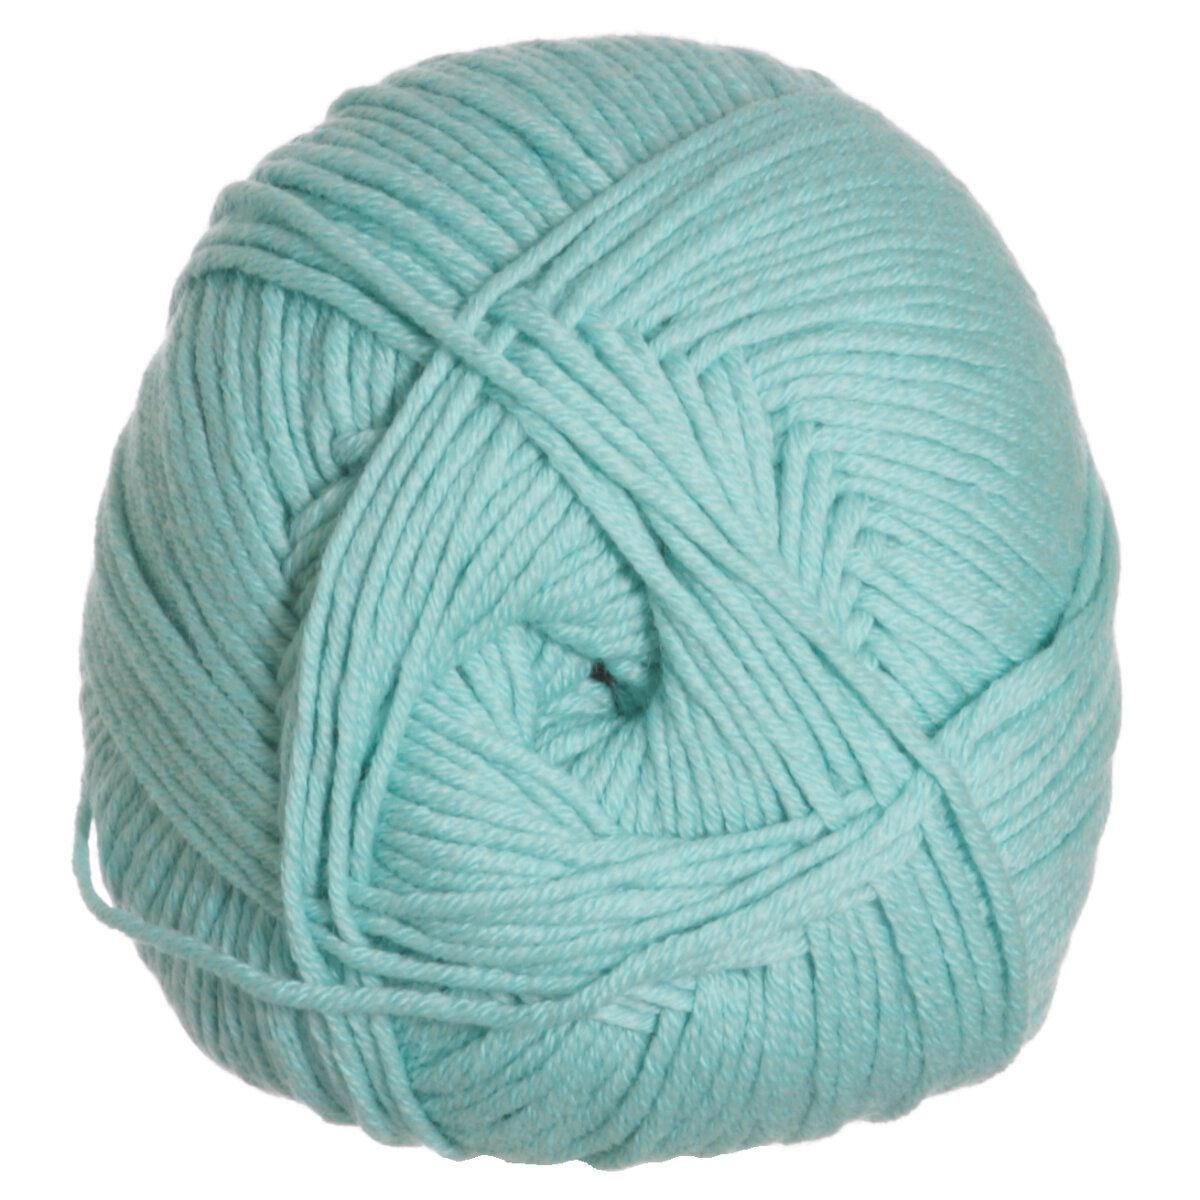 Cascade Anchor Bay Yarn - 12 Aqua at Jimmy Beans Wool